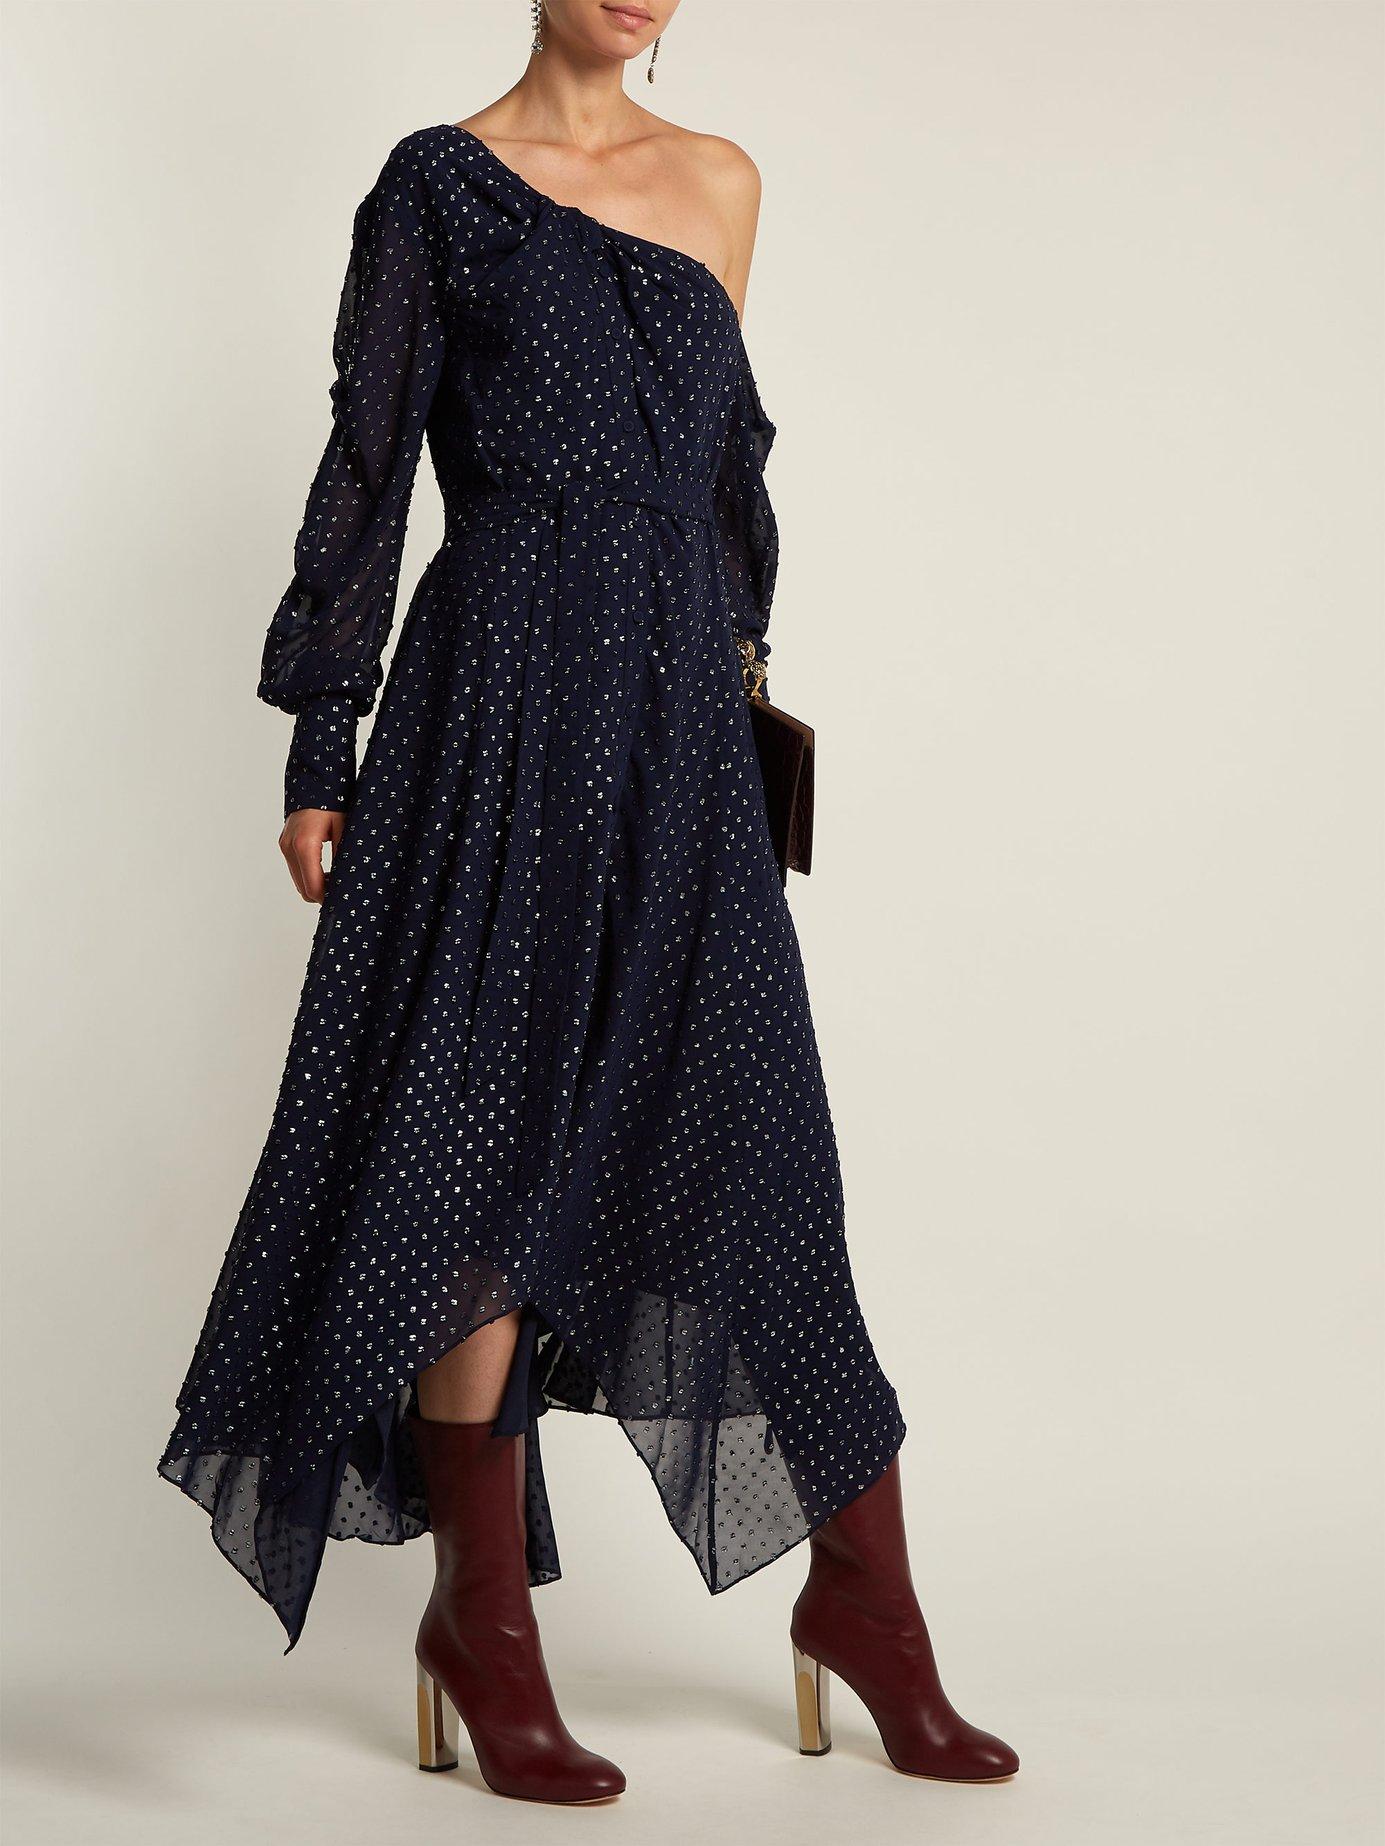 Asymmetric metallic dress by Jonathan Simkhai